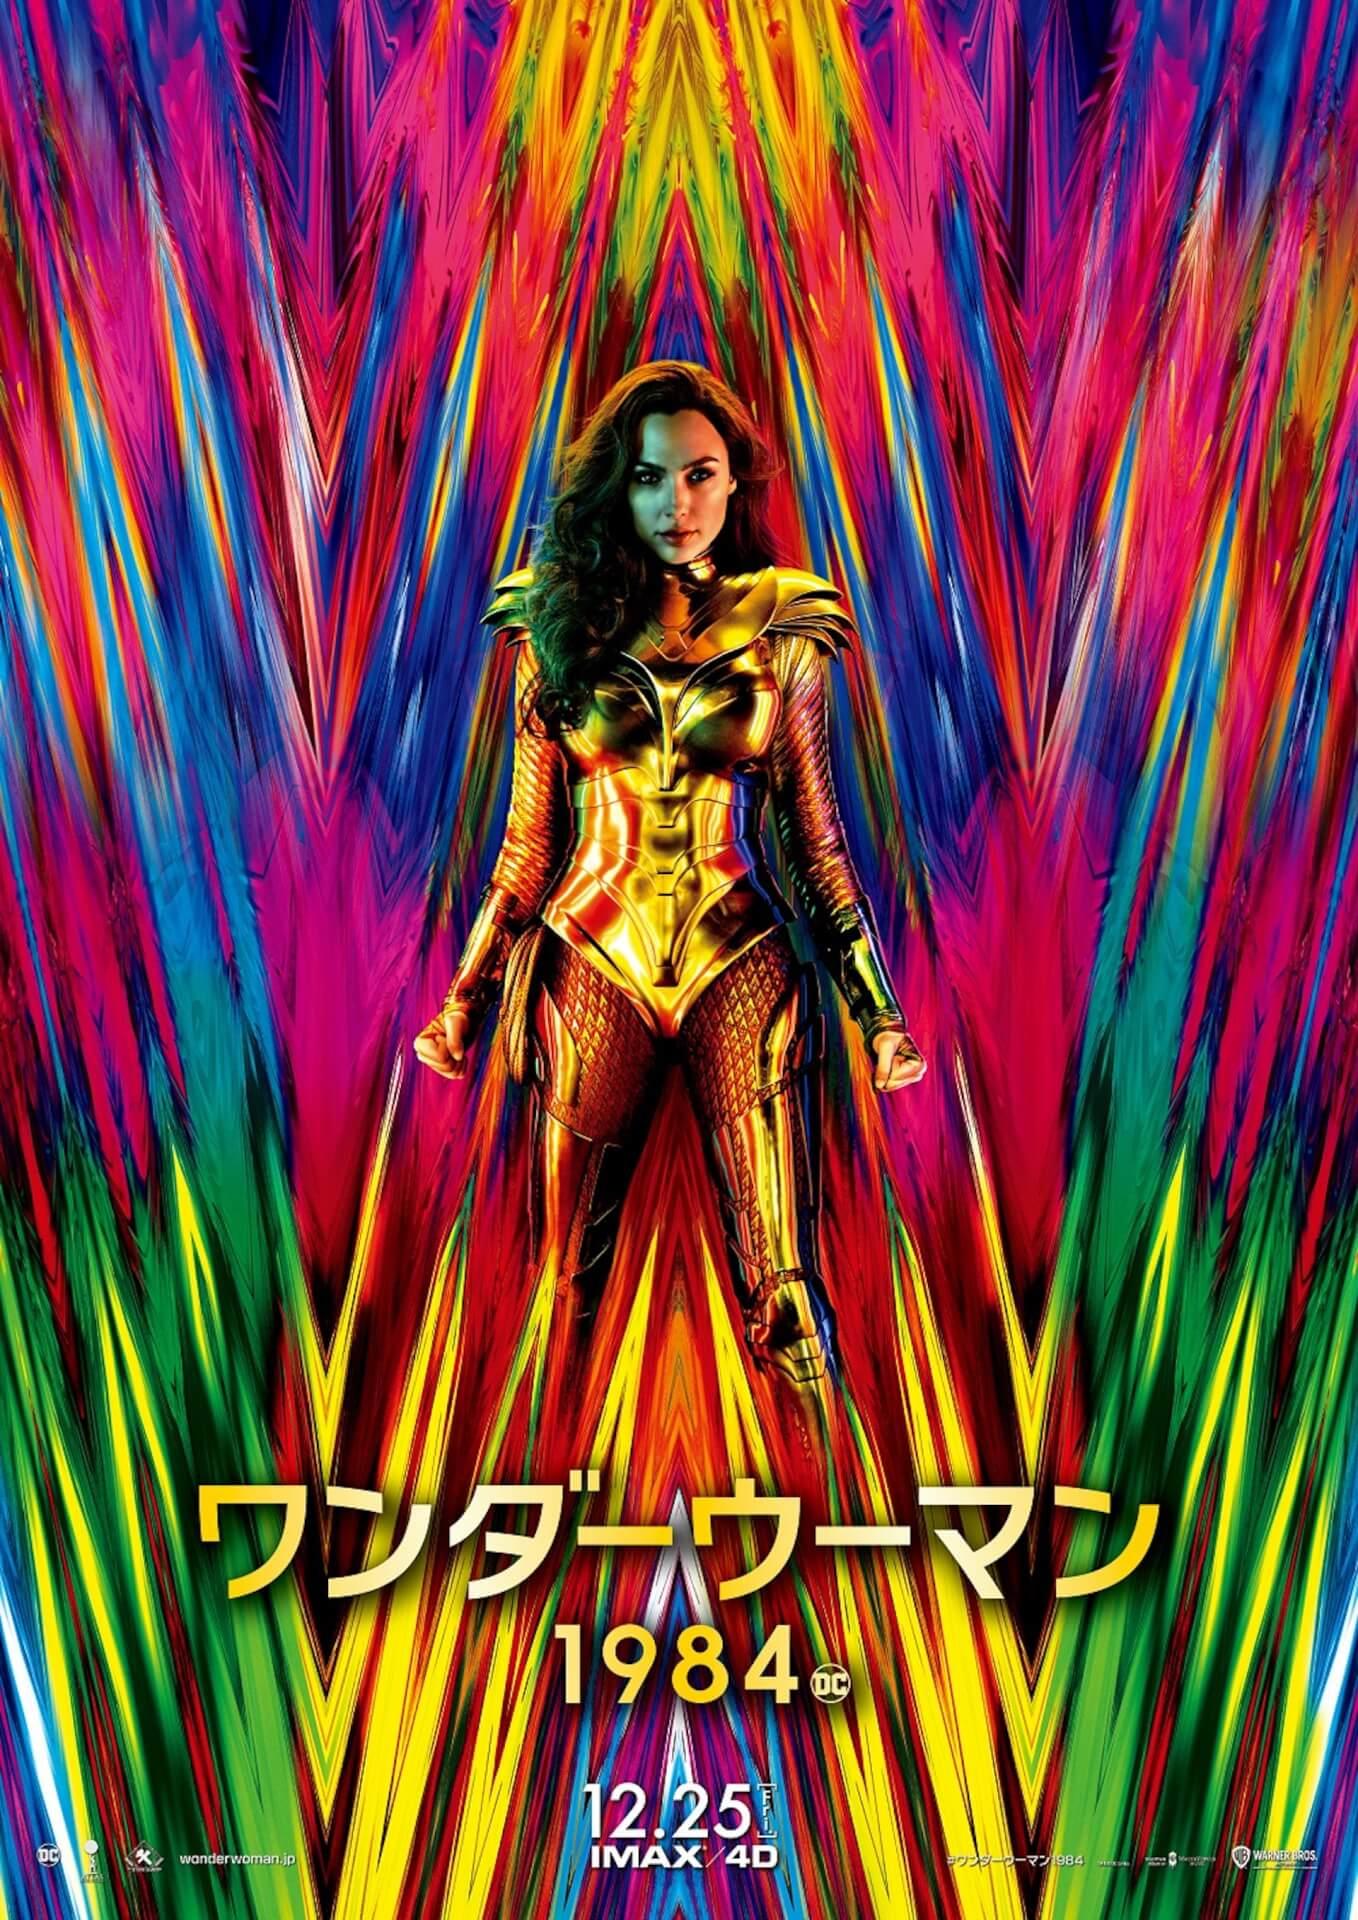 ワンダーウーマンがついにゴールドアーマーでアクション披露!『ワンダーウーマン 1984』の日本予告編が解禁 film200918_wonderwoman1984_3